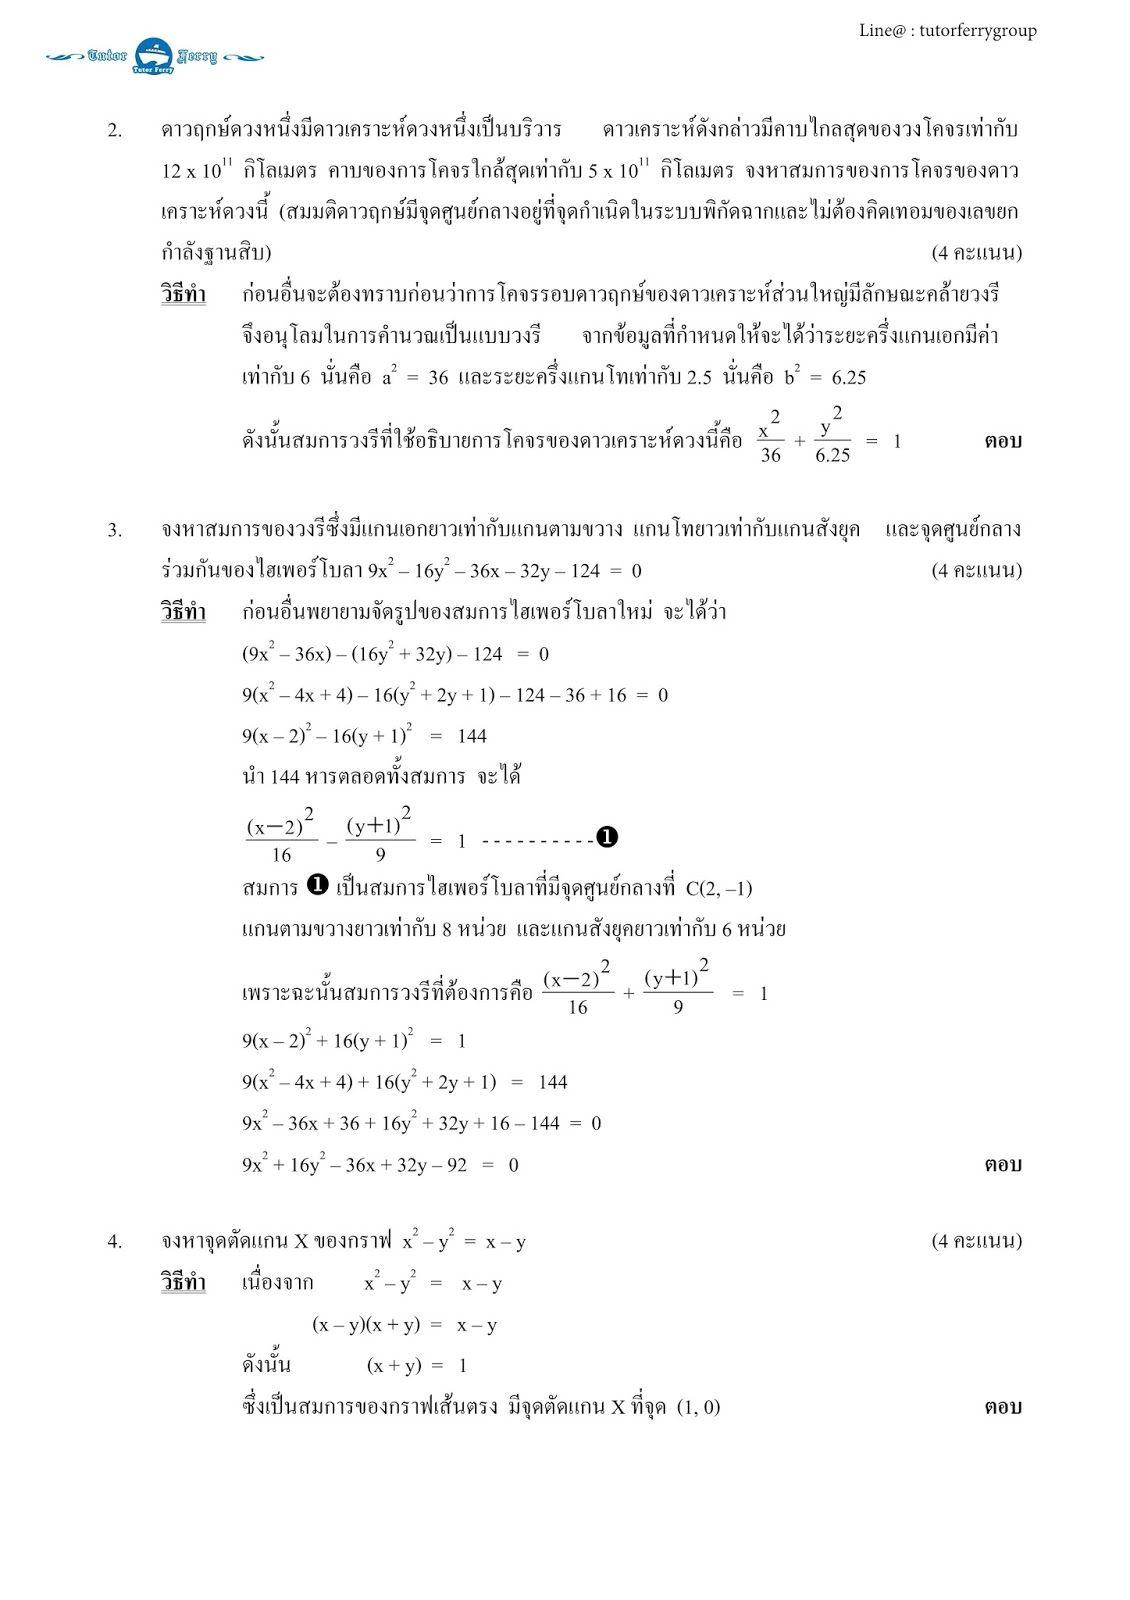 เฉลยพร้อมวิธีทำแบบละเอียด 2 เคมี คณิตศาสตร์